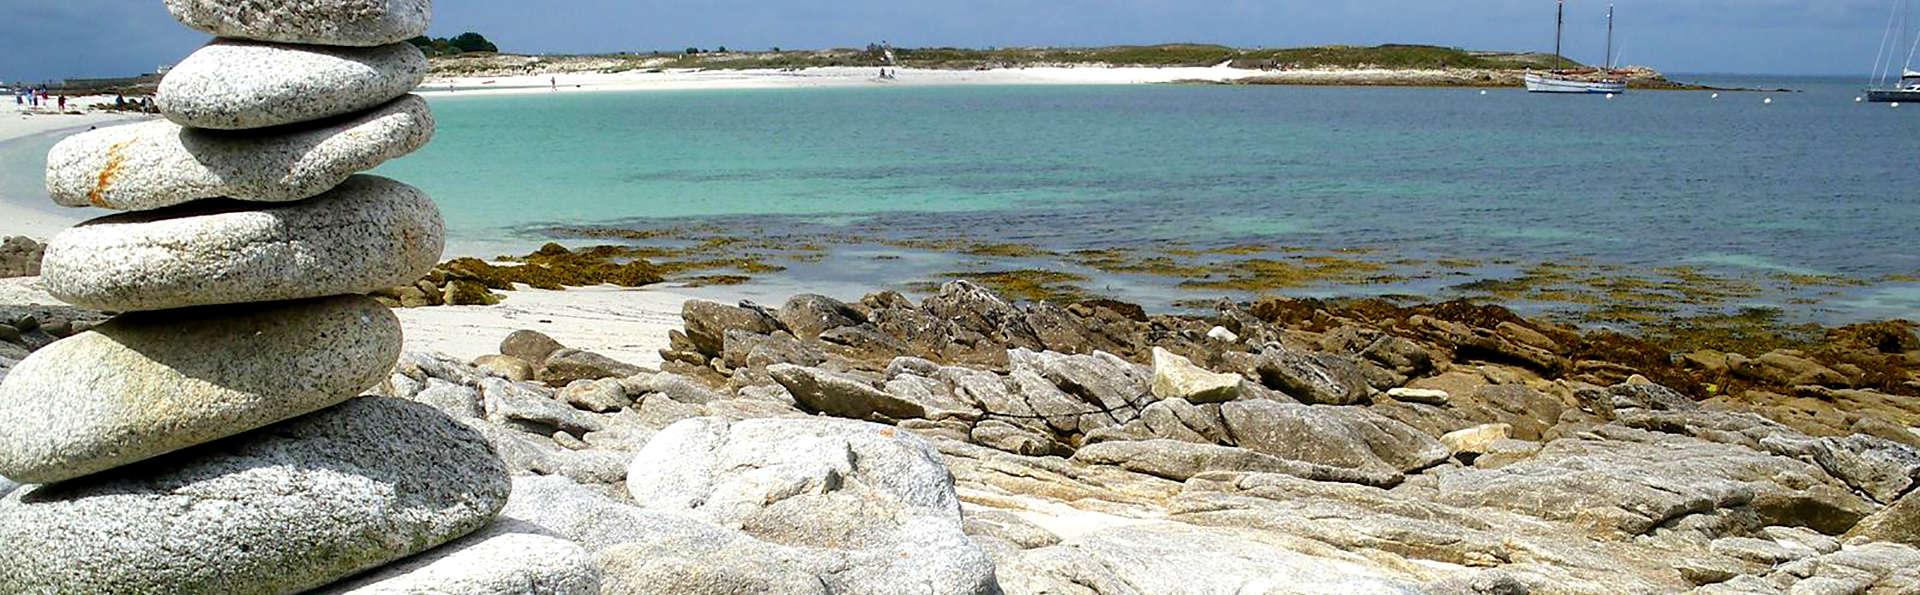 Paysage féerique, plage de sable blanc, ... partez à la découverte de l'Archipel des Glénan !